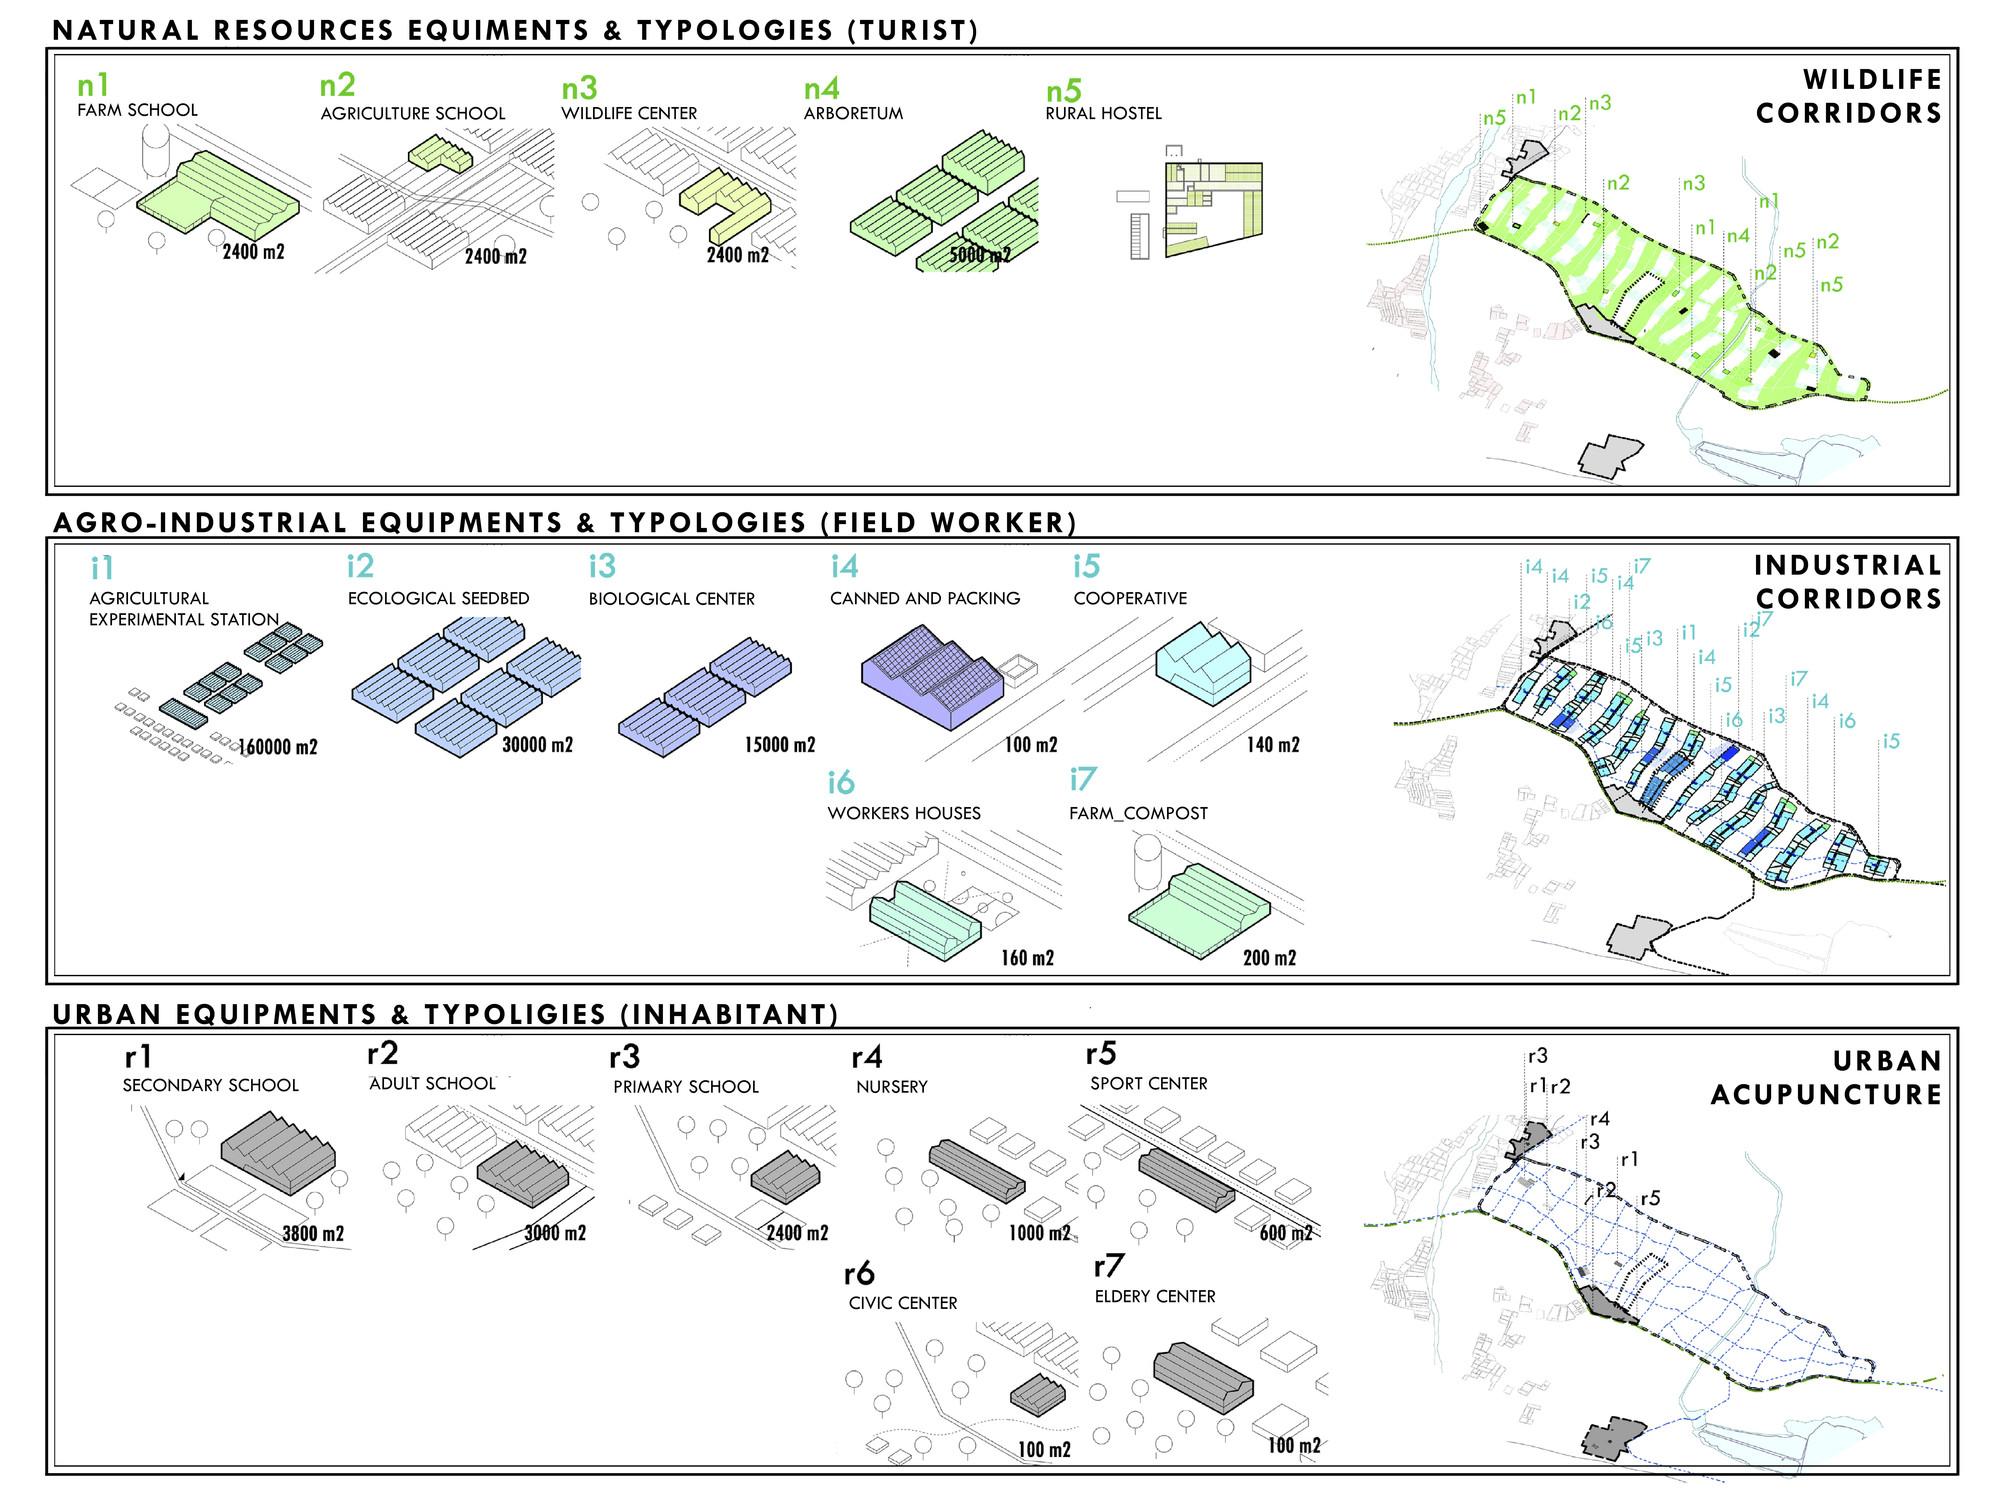 Catálogo de equipamientos y tipologías agroindustriales. Image Cortesia de DAT Pangea